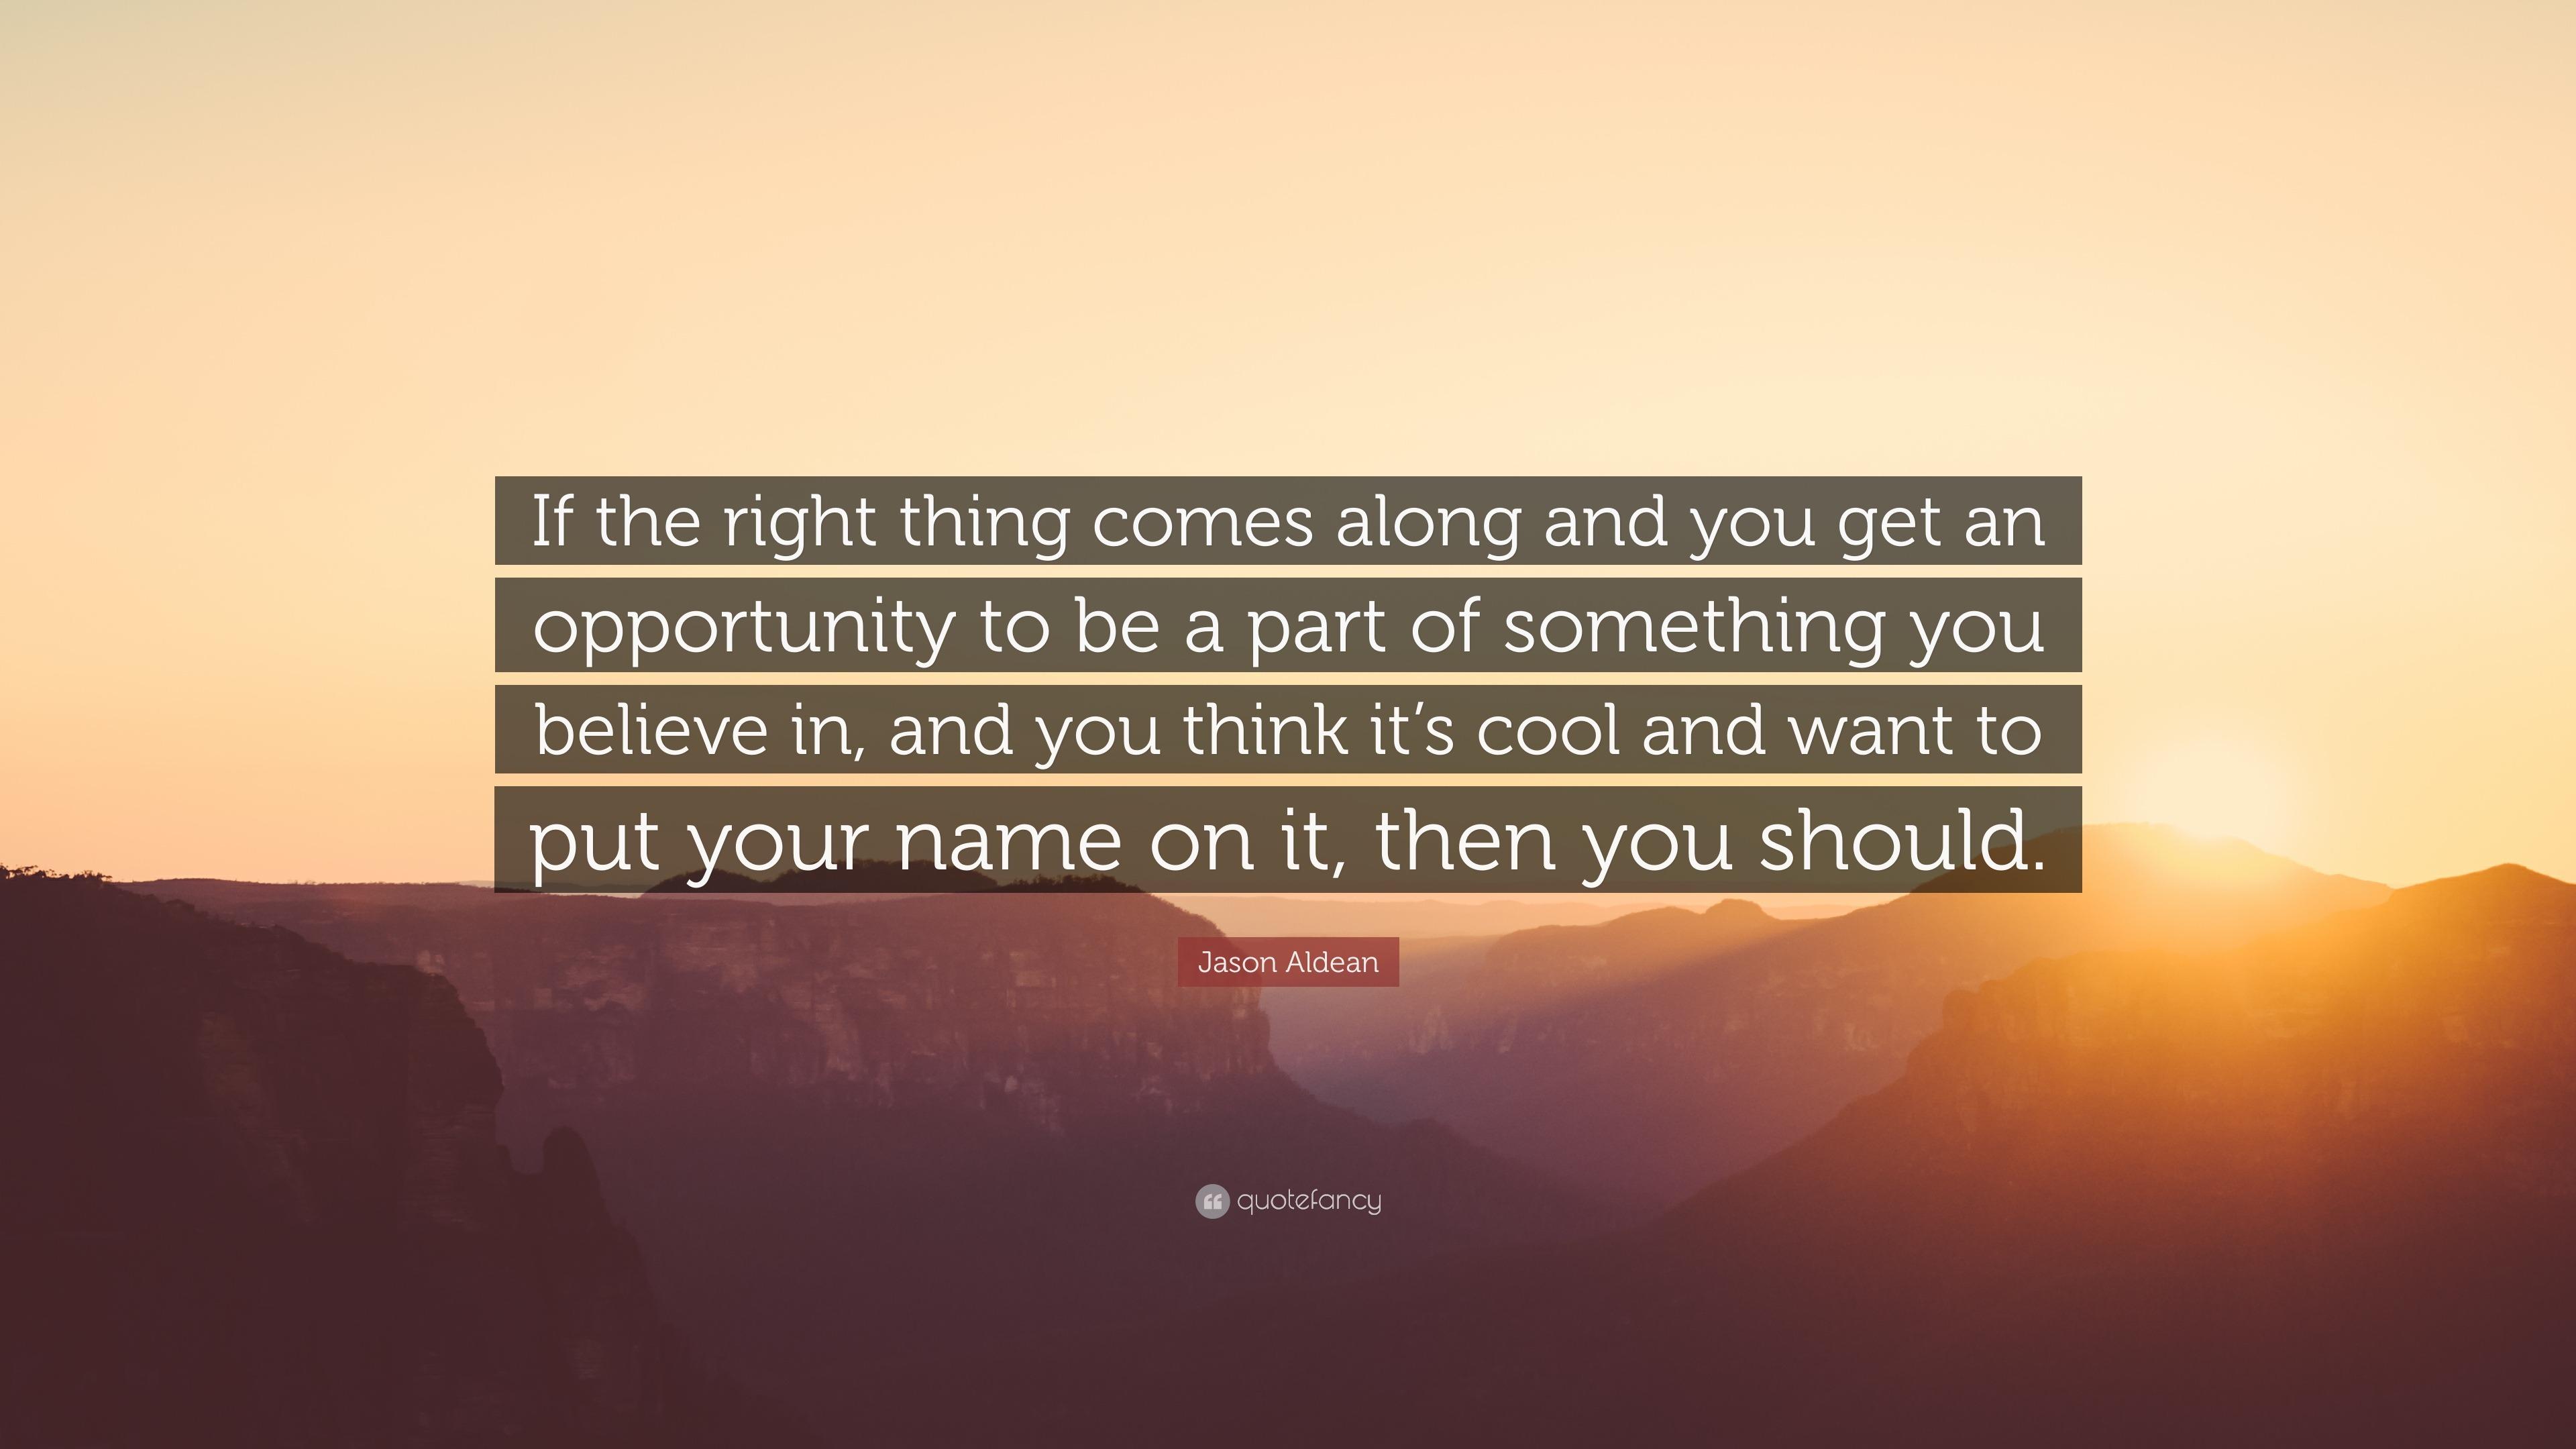 Jason Aldean Quotes (40 wallpapers) - Quotefancy